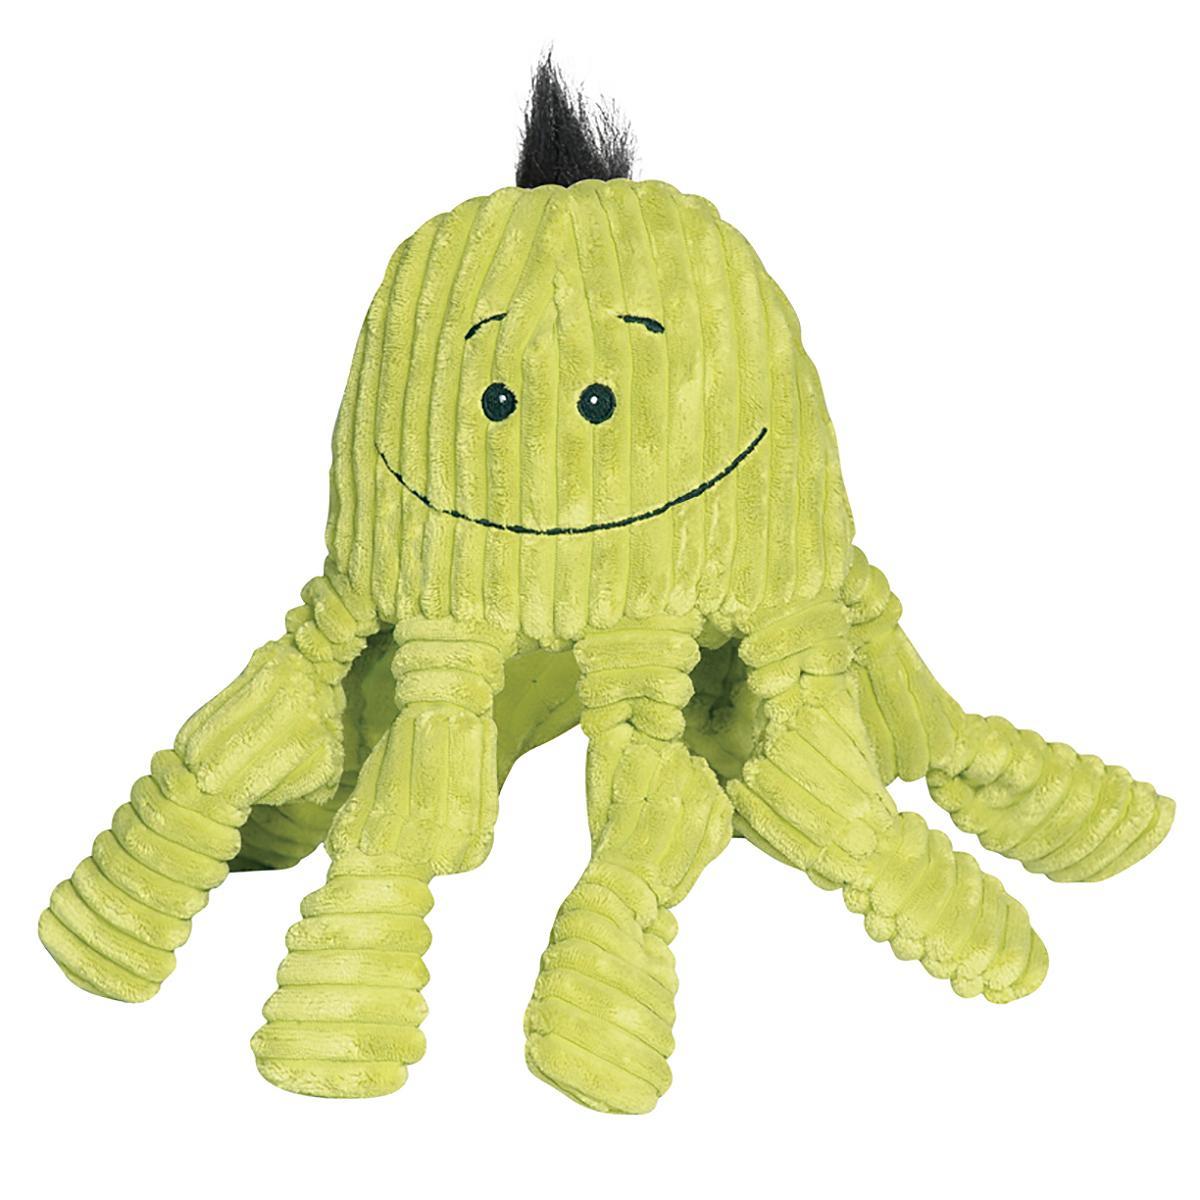 HuggleHounds Octo-Knottie Dog Toy - Citron